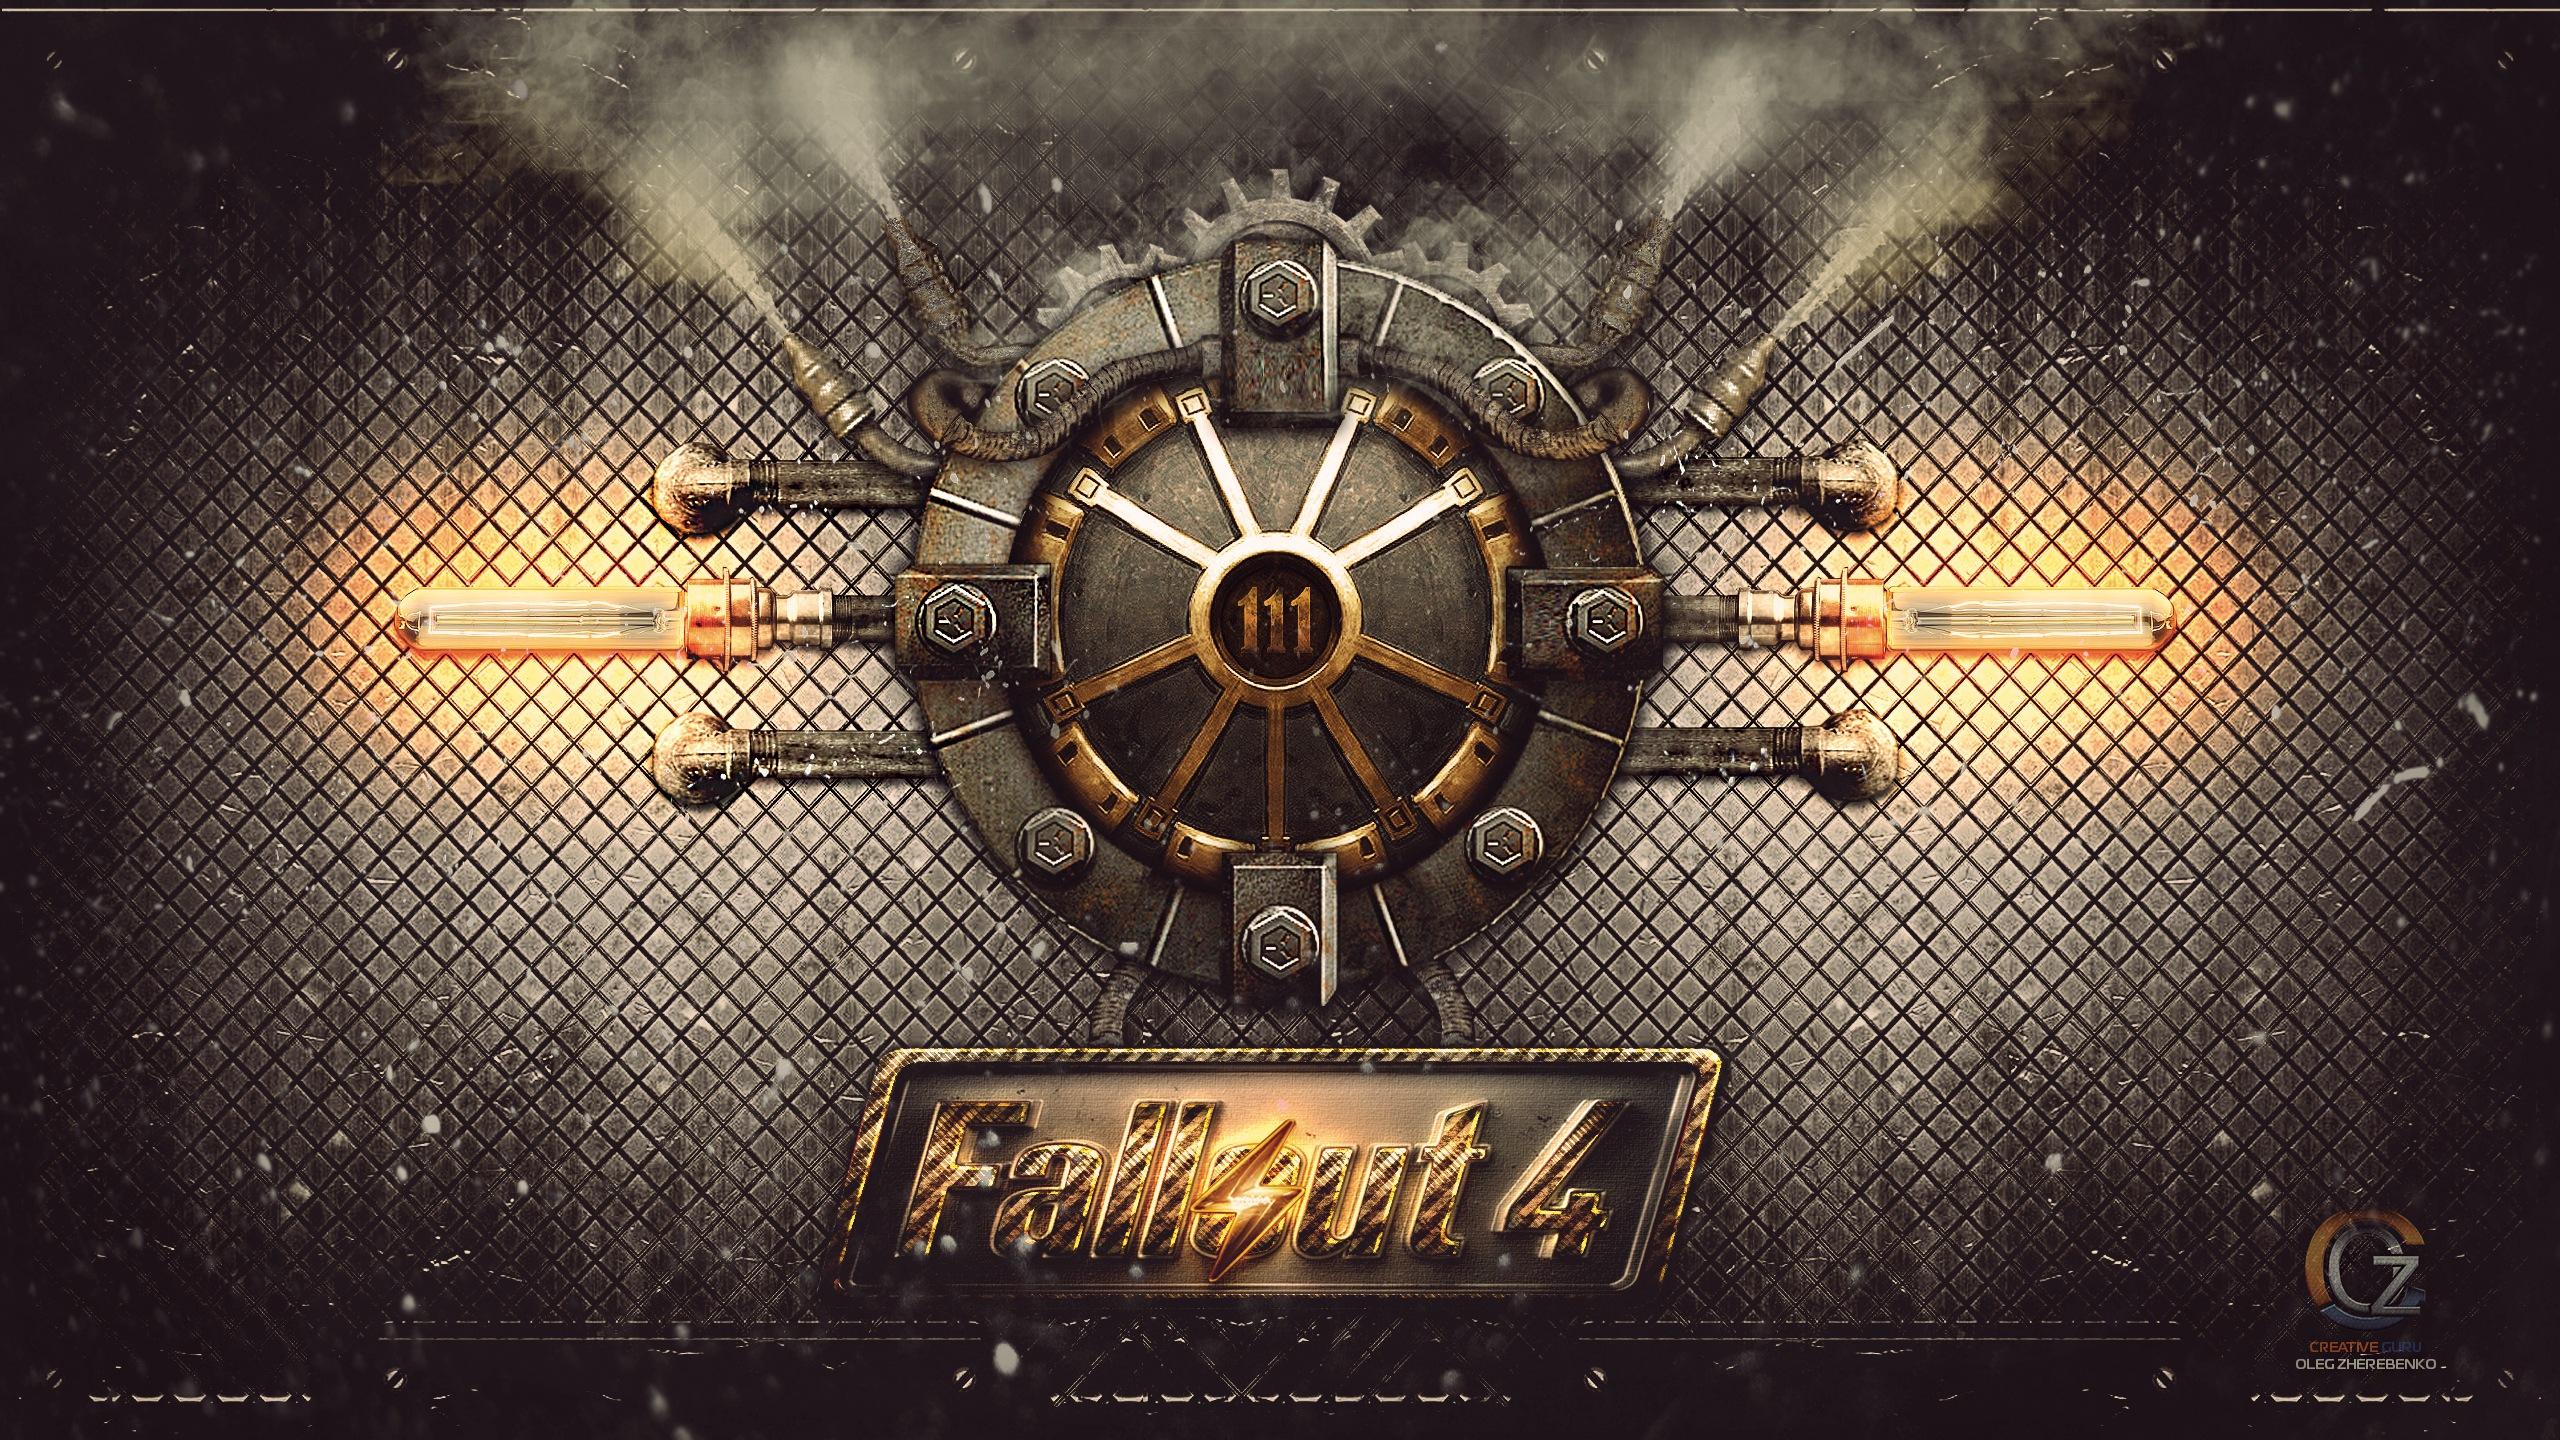 Perde moglie e lavoro per giocare a Fallout 4